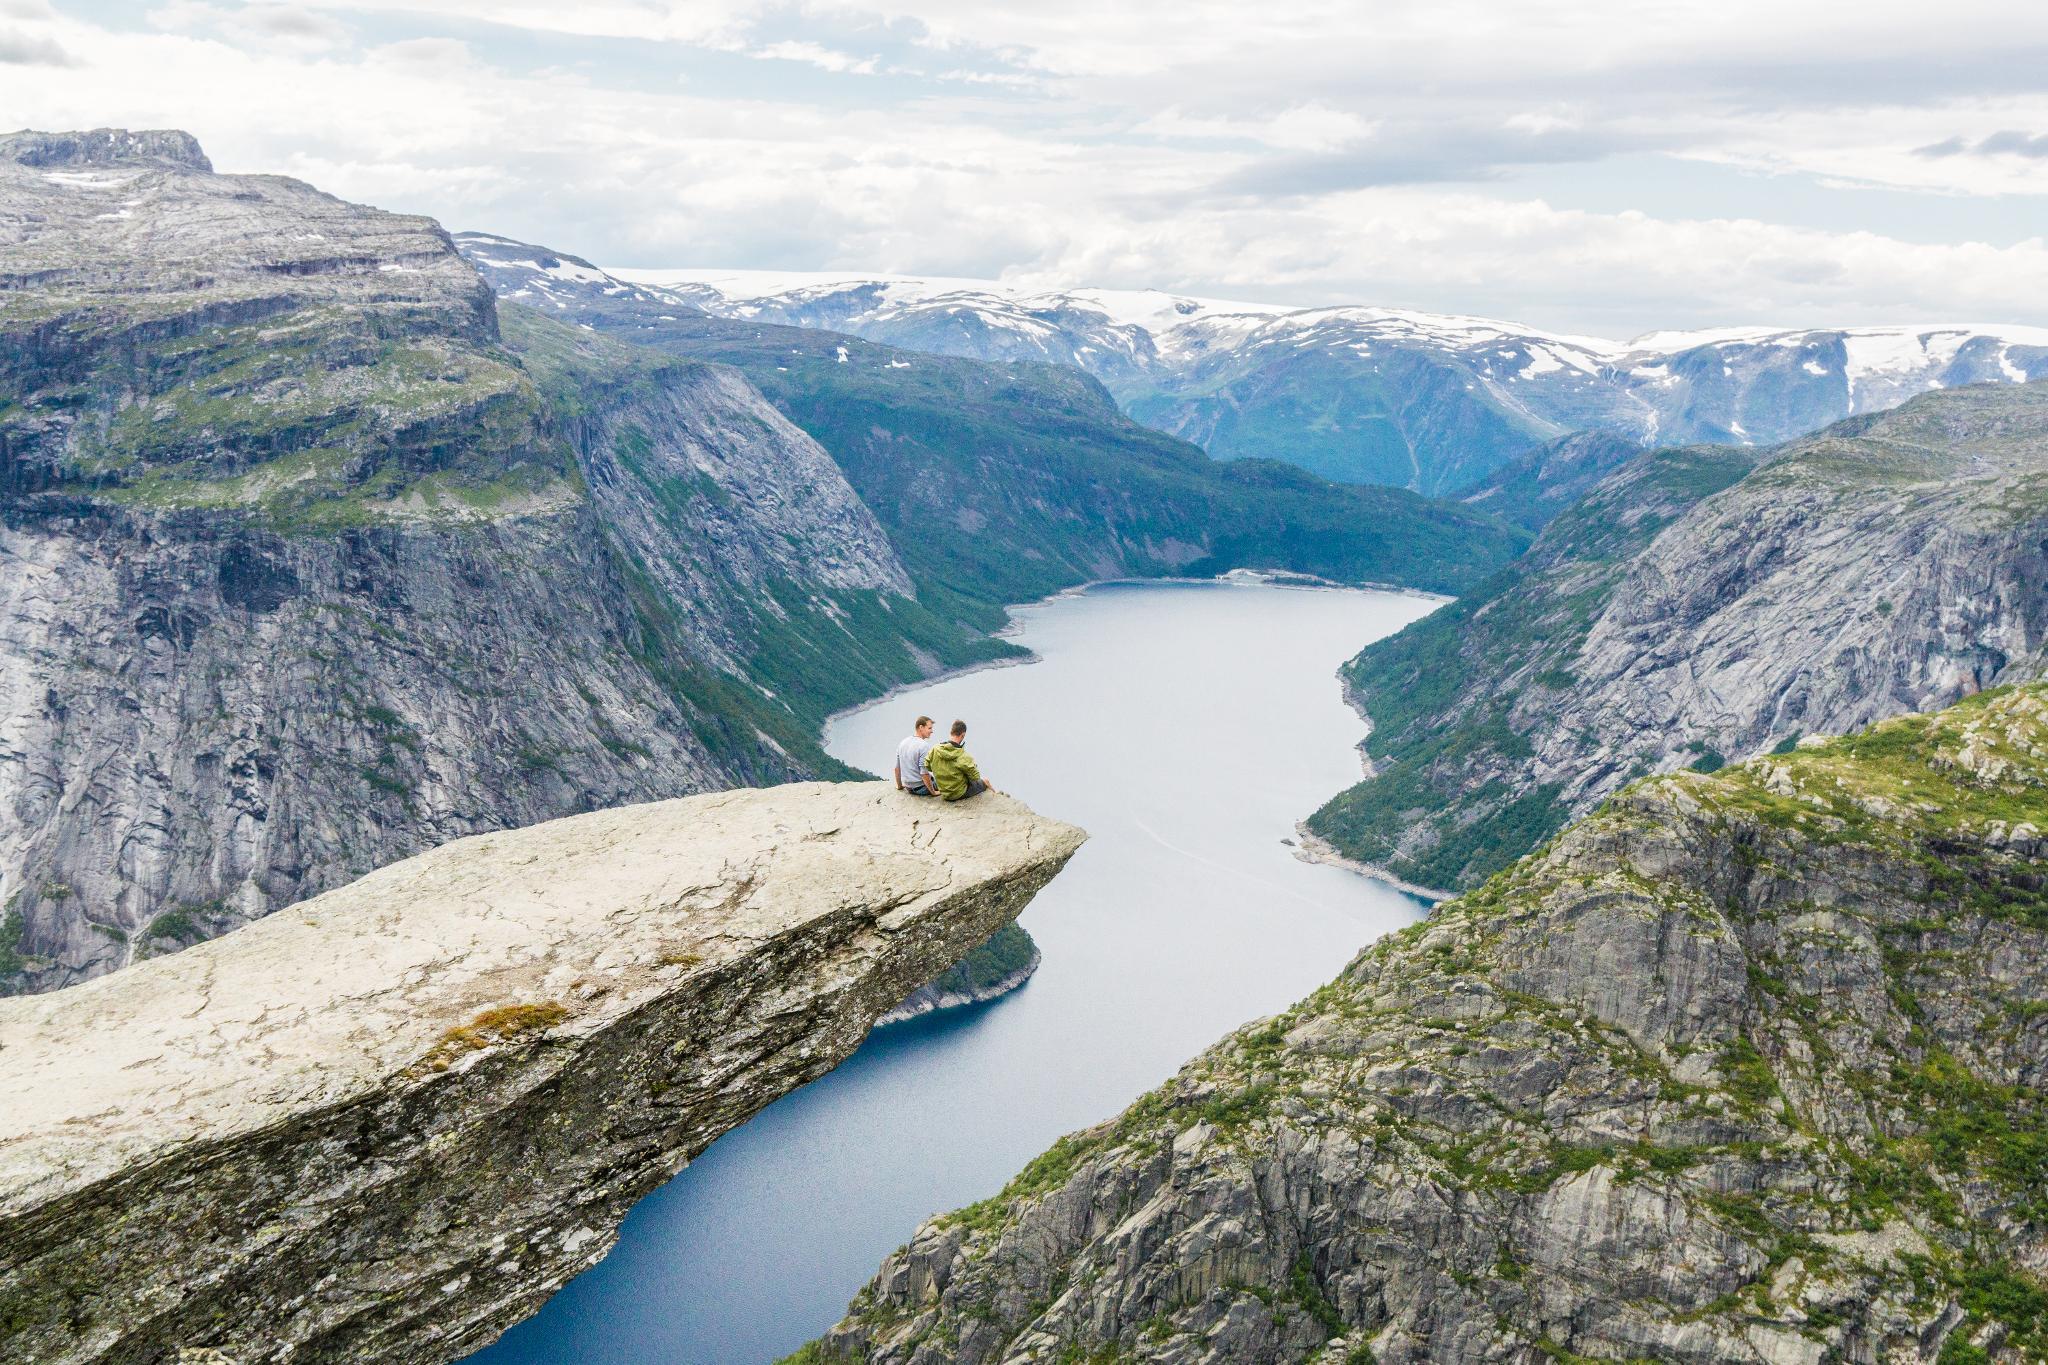 【北歐景點】挪威惡魔之舌 Trolltunga — 28公里健行挑戰全攻略